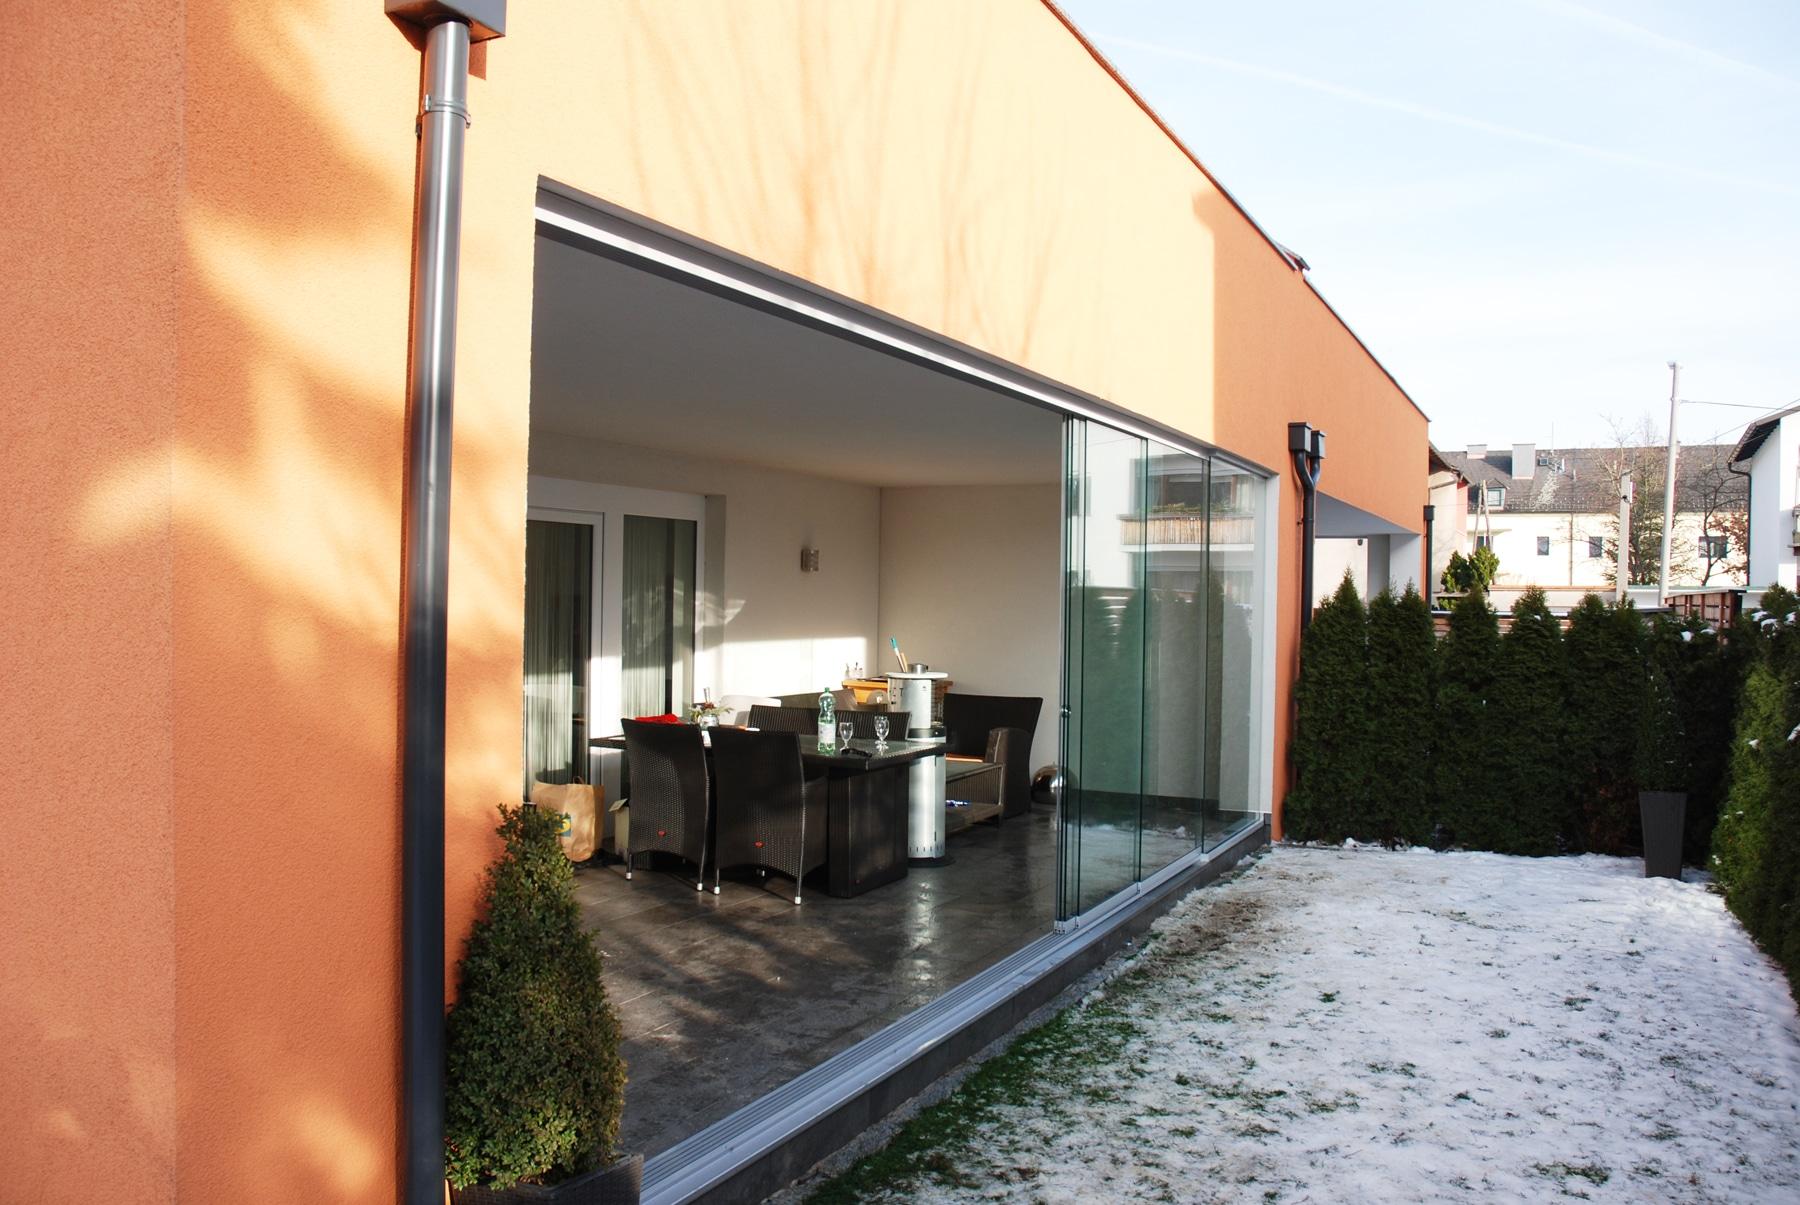 Nurglas-Schiebetüren Terrasse